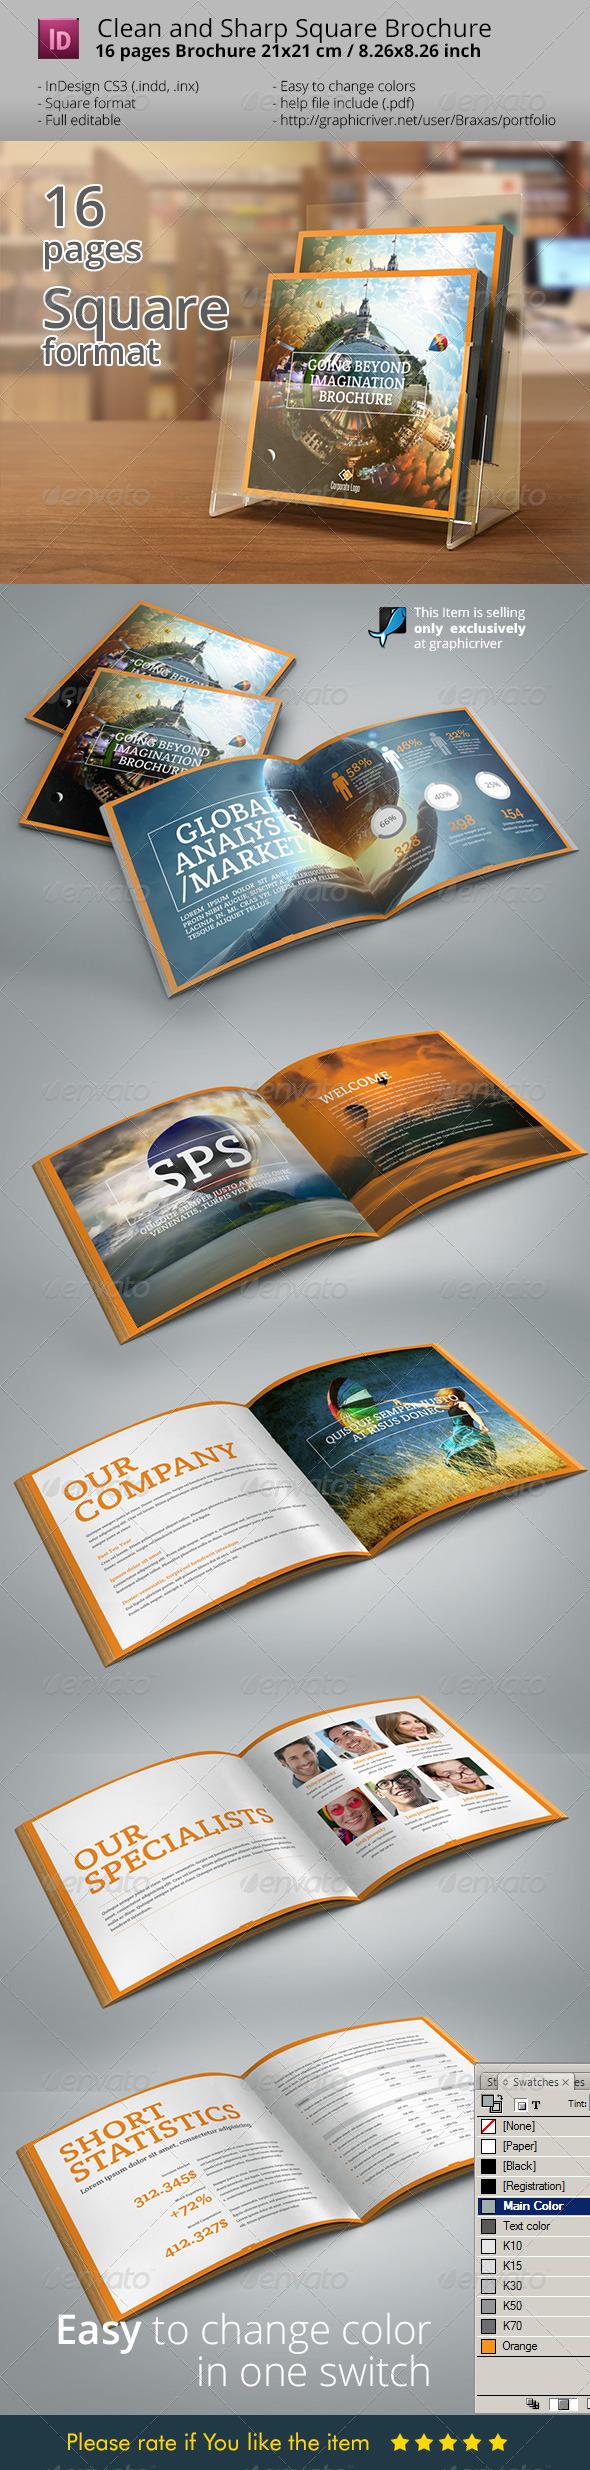 Indesign Brochure Square Design - Informational Brochures